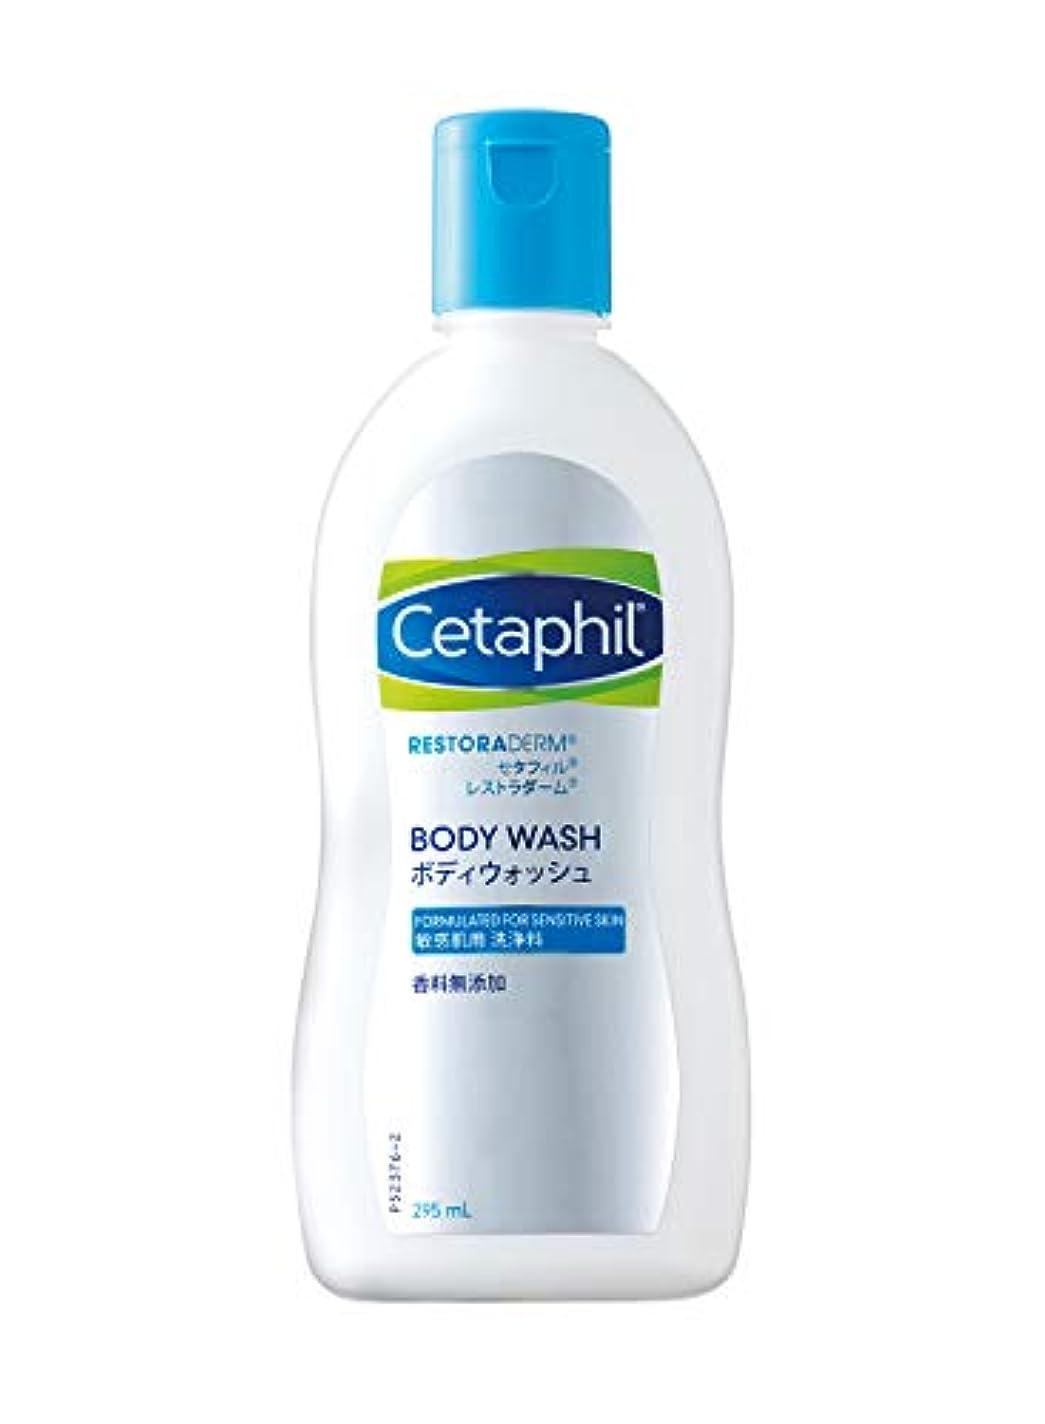 解任海峡ひもブロックセタフィル Cetaphil ® レストラダーム ボディウォッシュ 295ml (敏感肌用洗浄料 ボディソープ 乾燥肌 敏感肌 低刺激性 洗浄料)